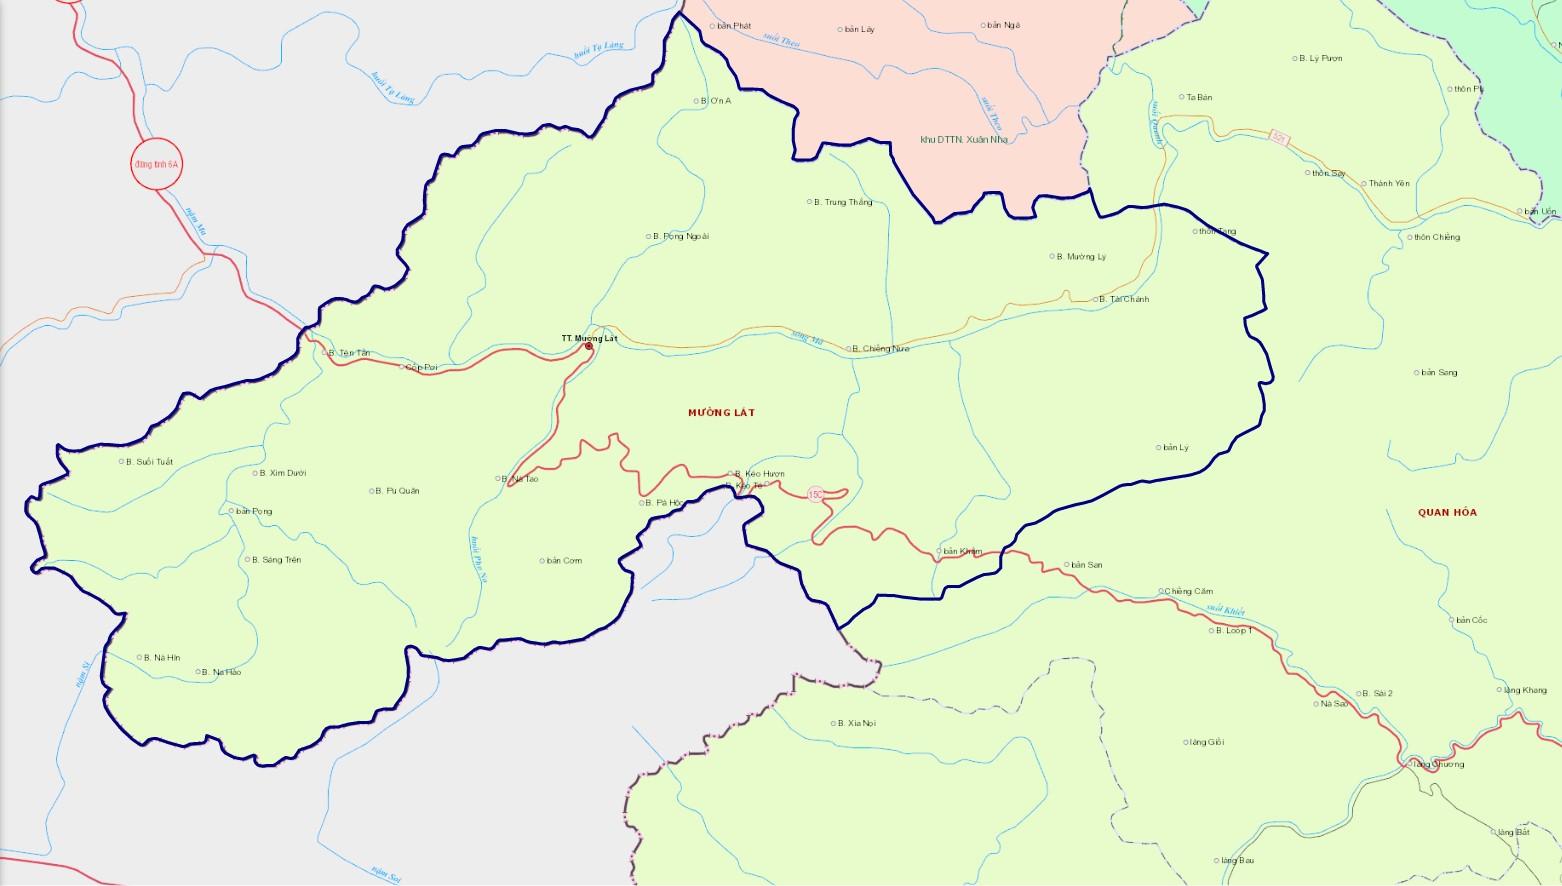 Bản đồ hành chính huyện Mường Lát